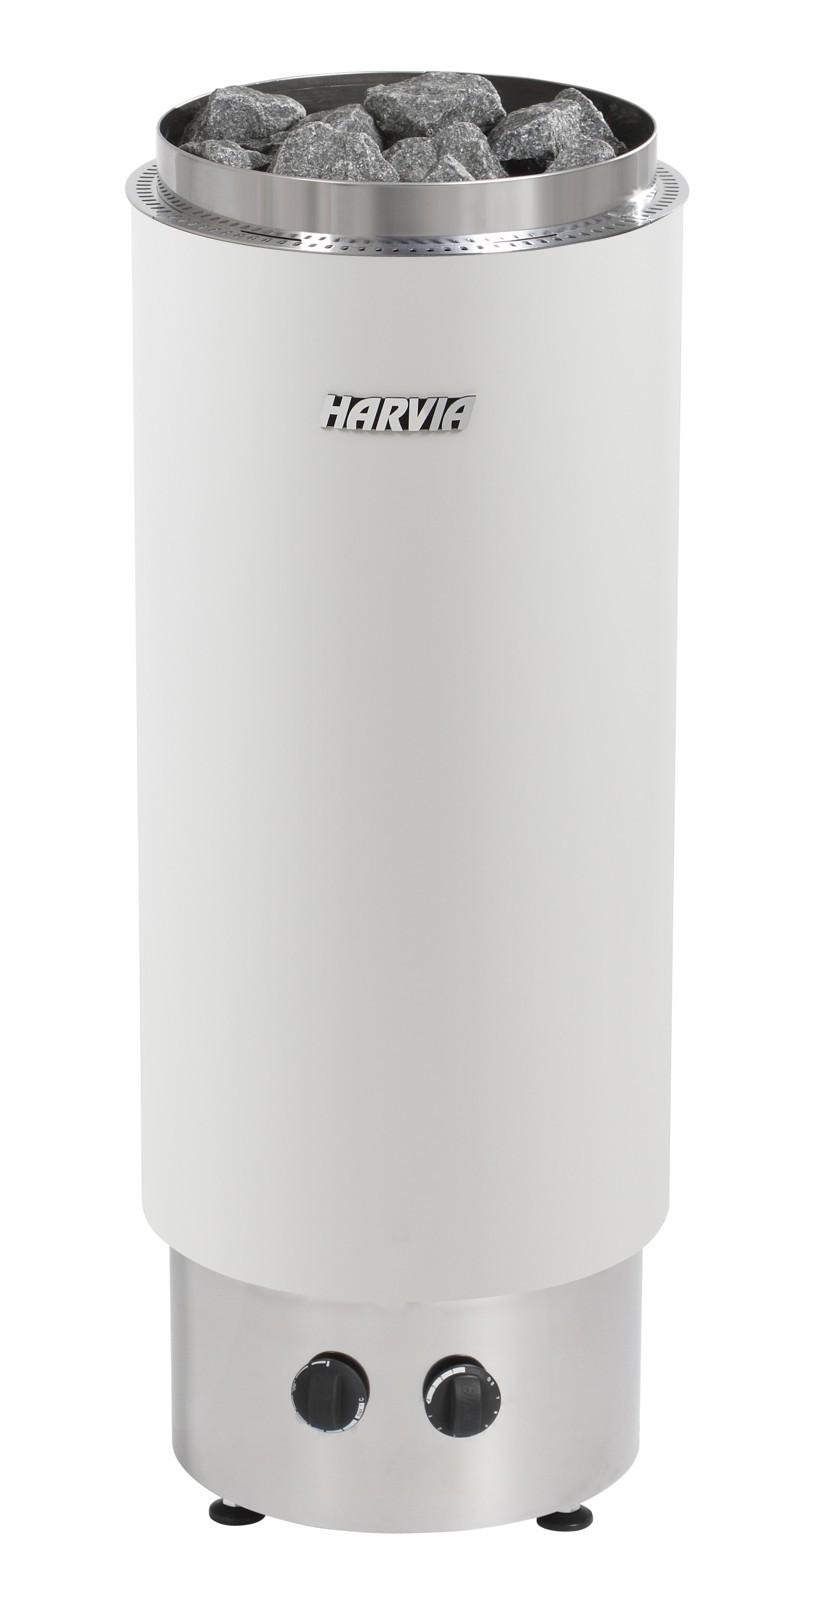 HARVIA Cilindro РС70 VEE(PC90 VEE)